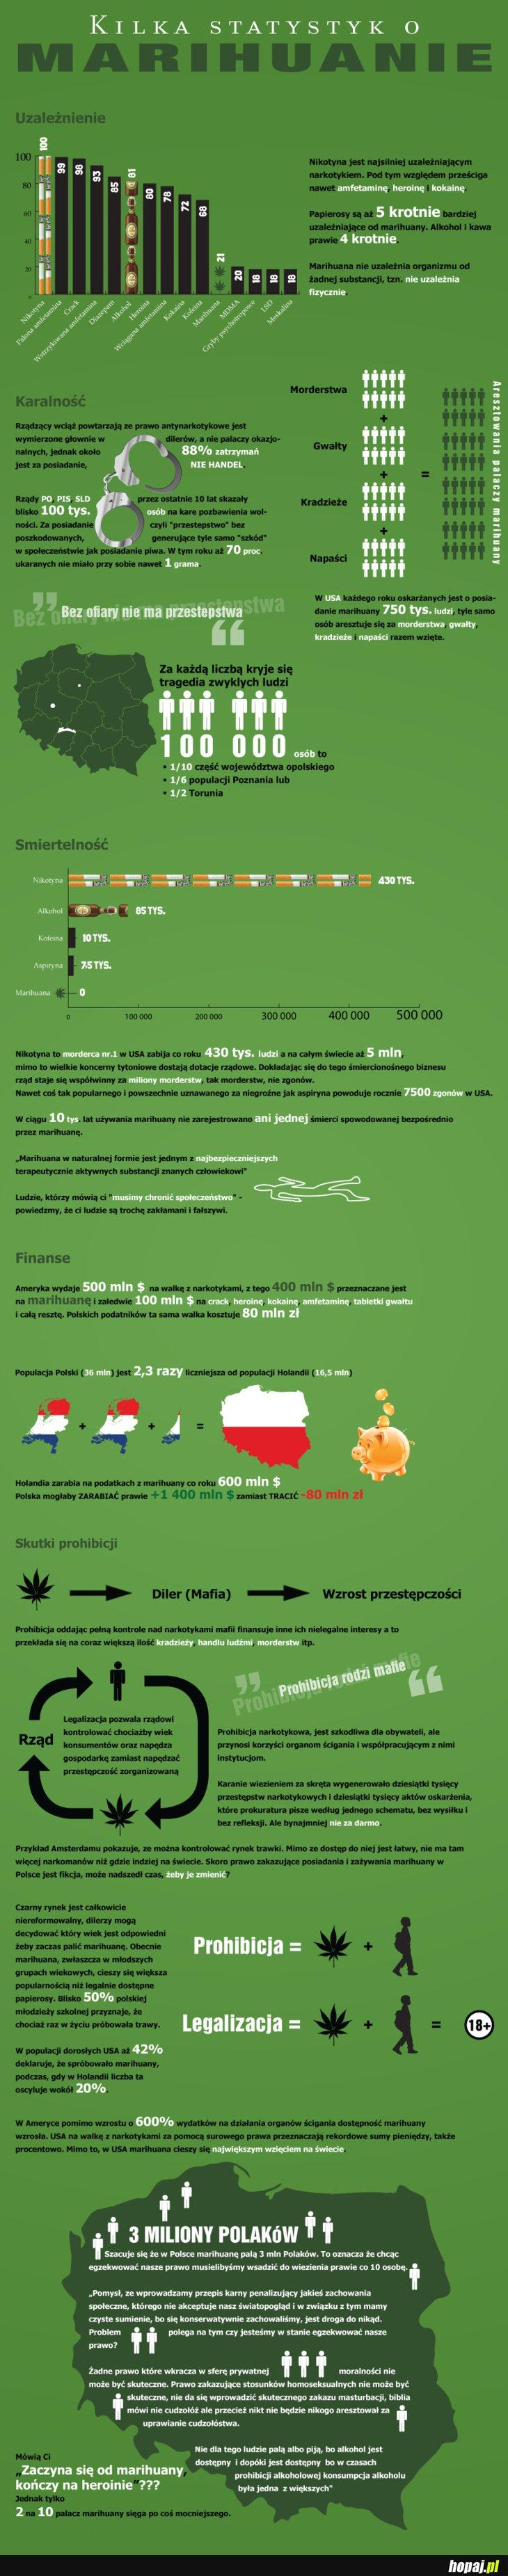 Kilka statystyk o marihuanie